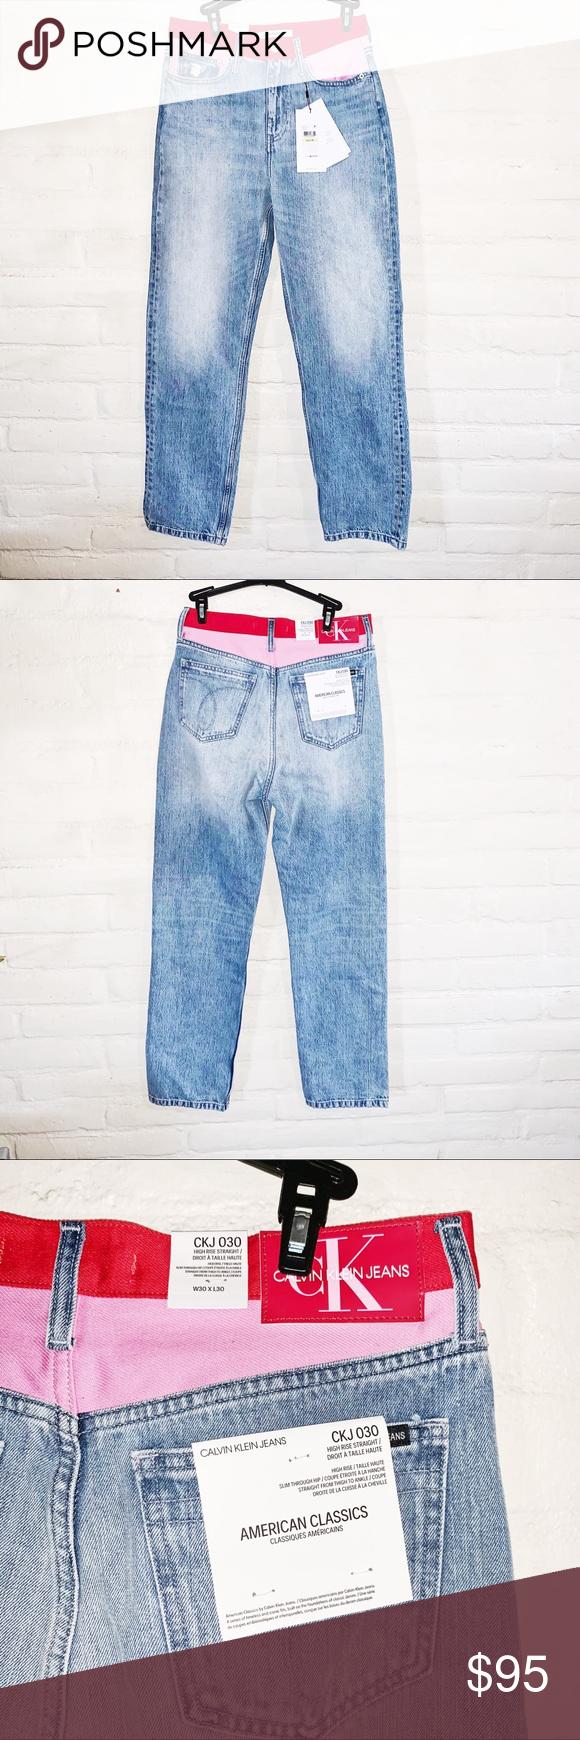 c278b2a415e Calvin Klein • High-Rise Straight Leg Jeans (30) Calvin Klein High-. Visit.  March 2019